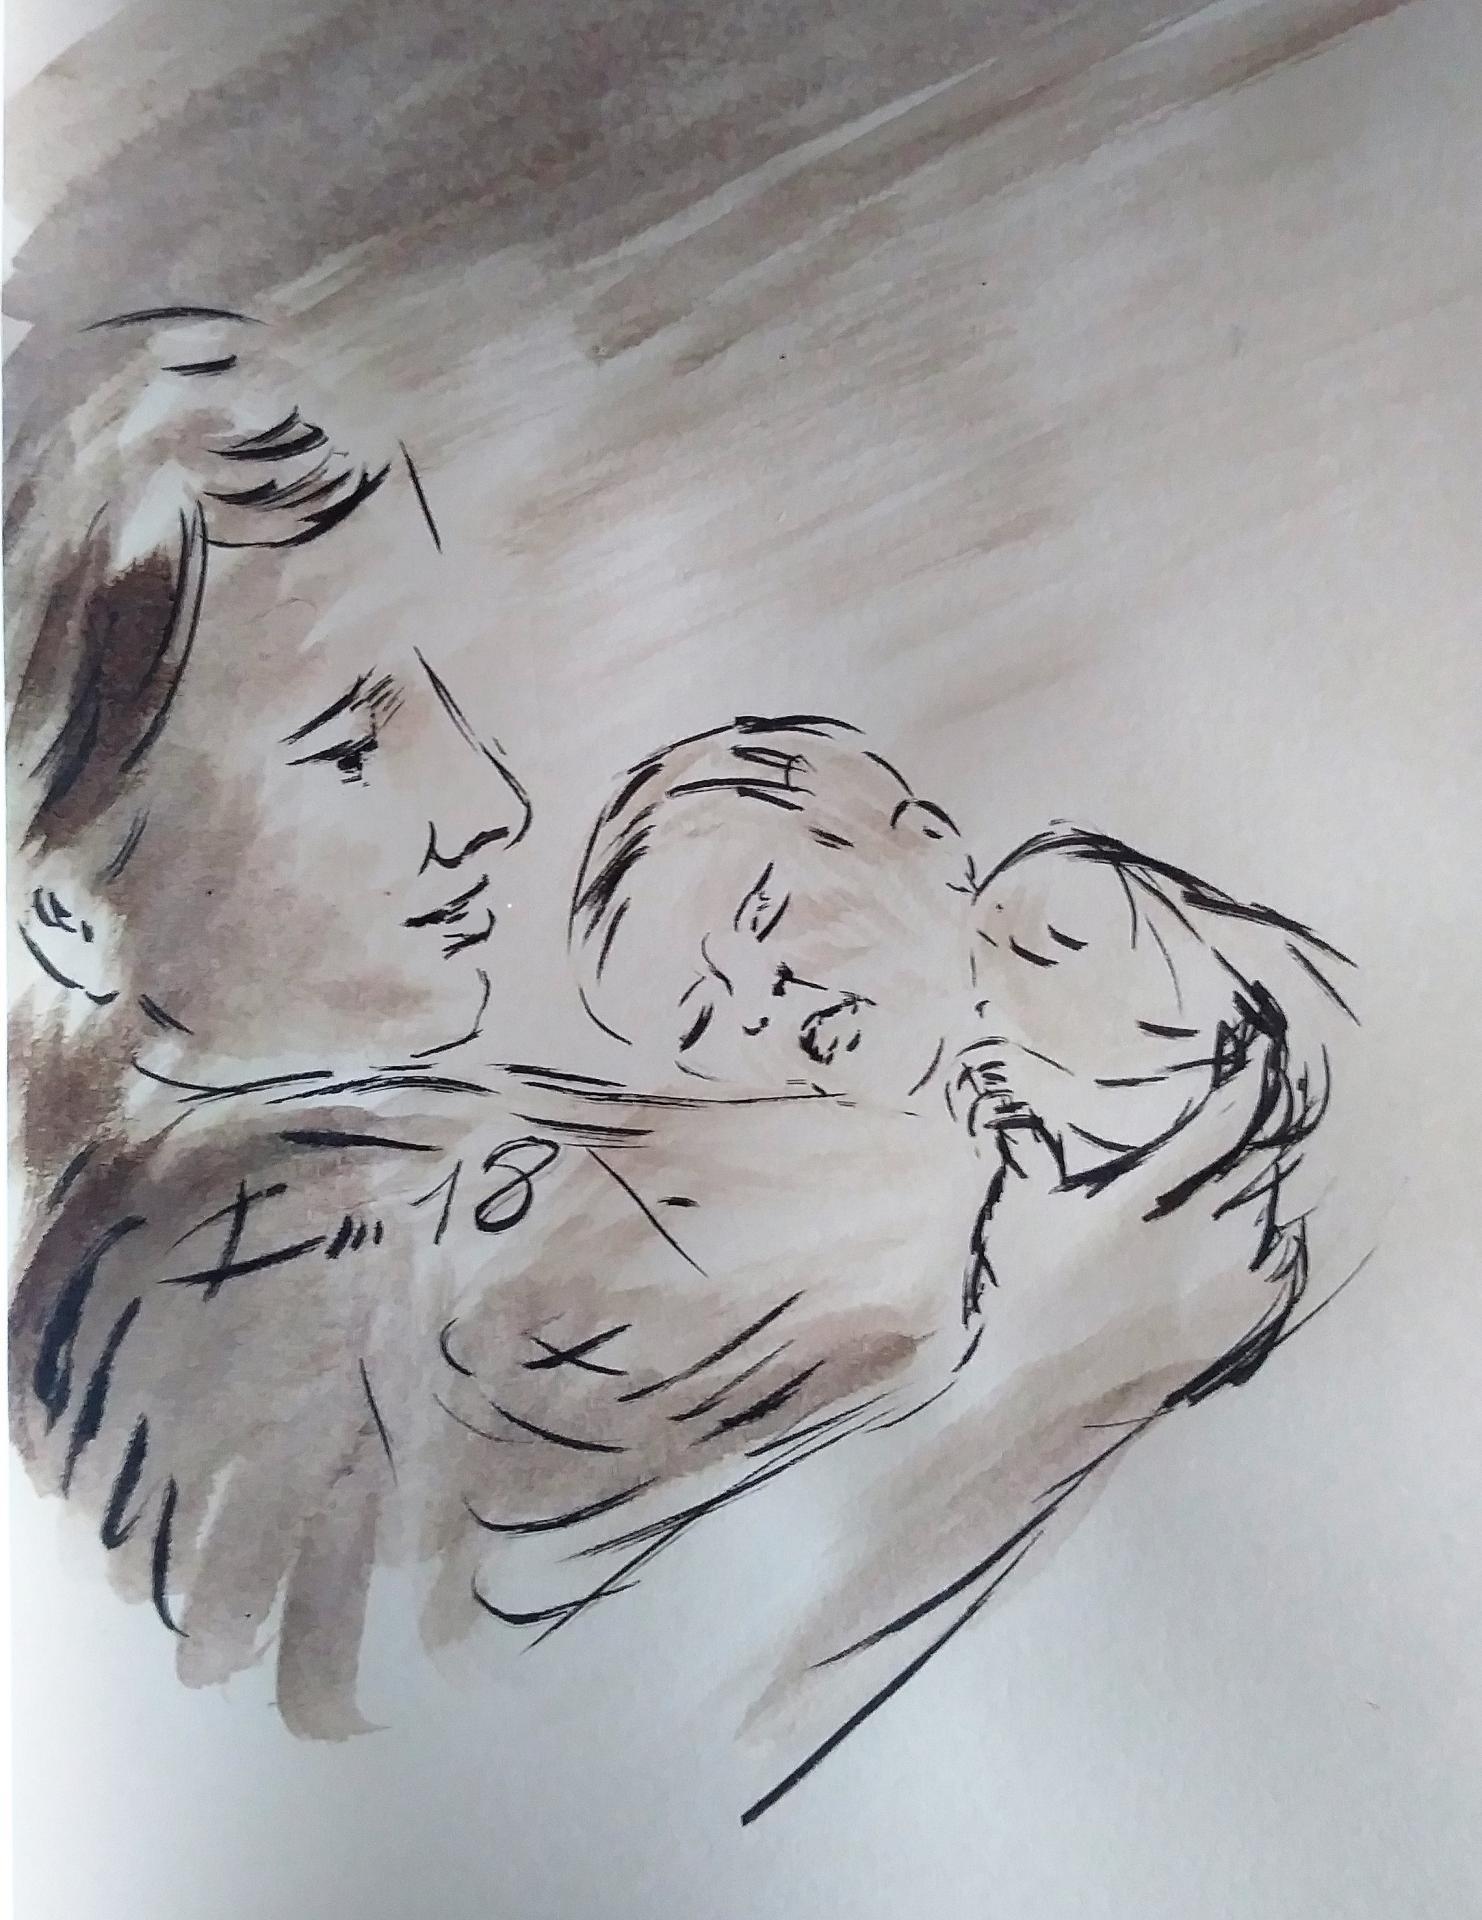 11 Mai 2018, évangile du jour illustré par un dessin au lavis